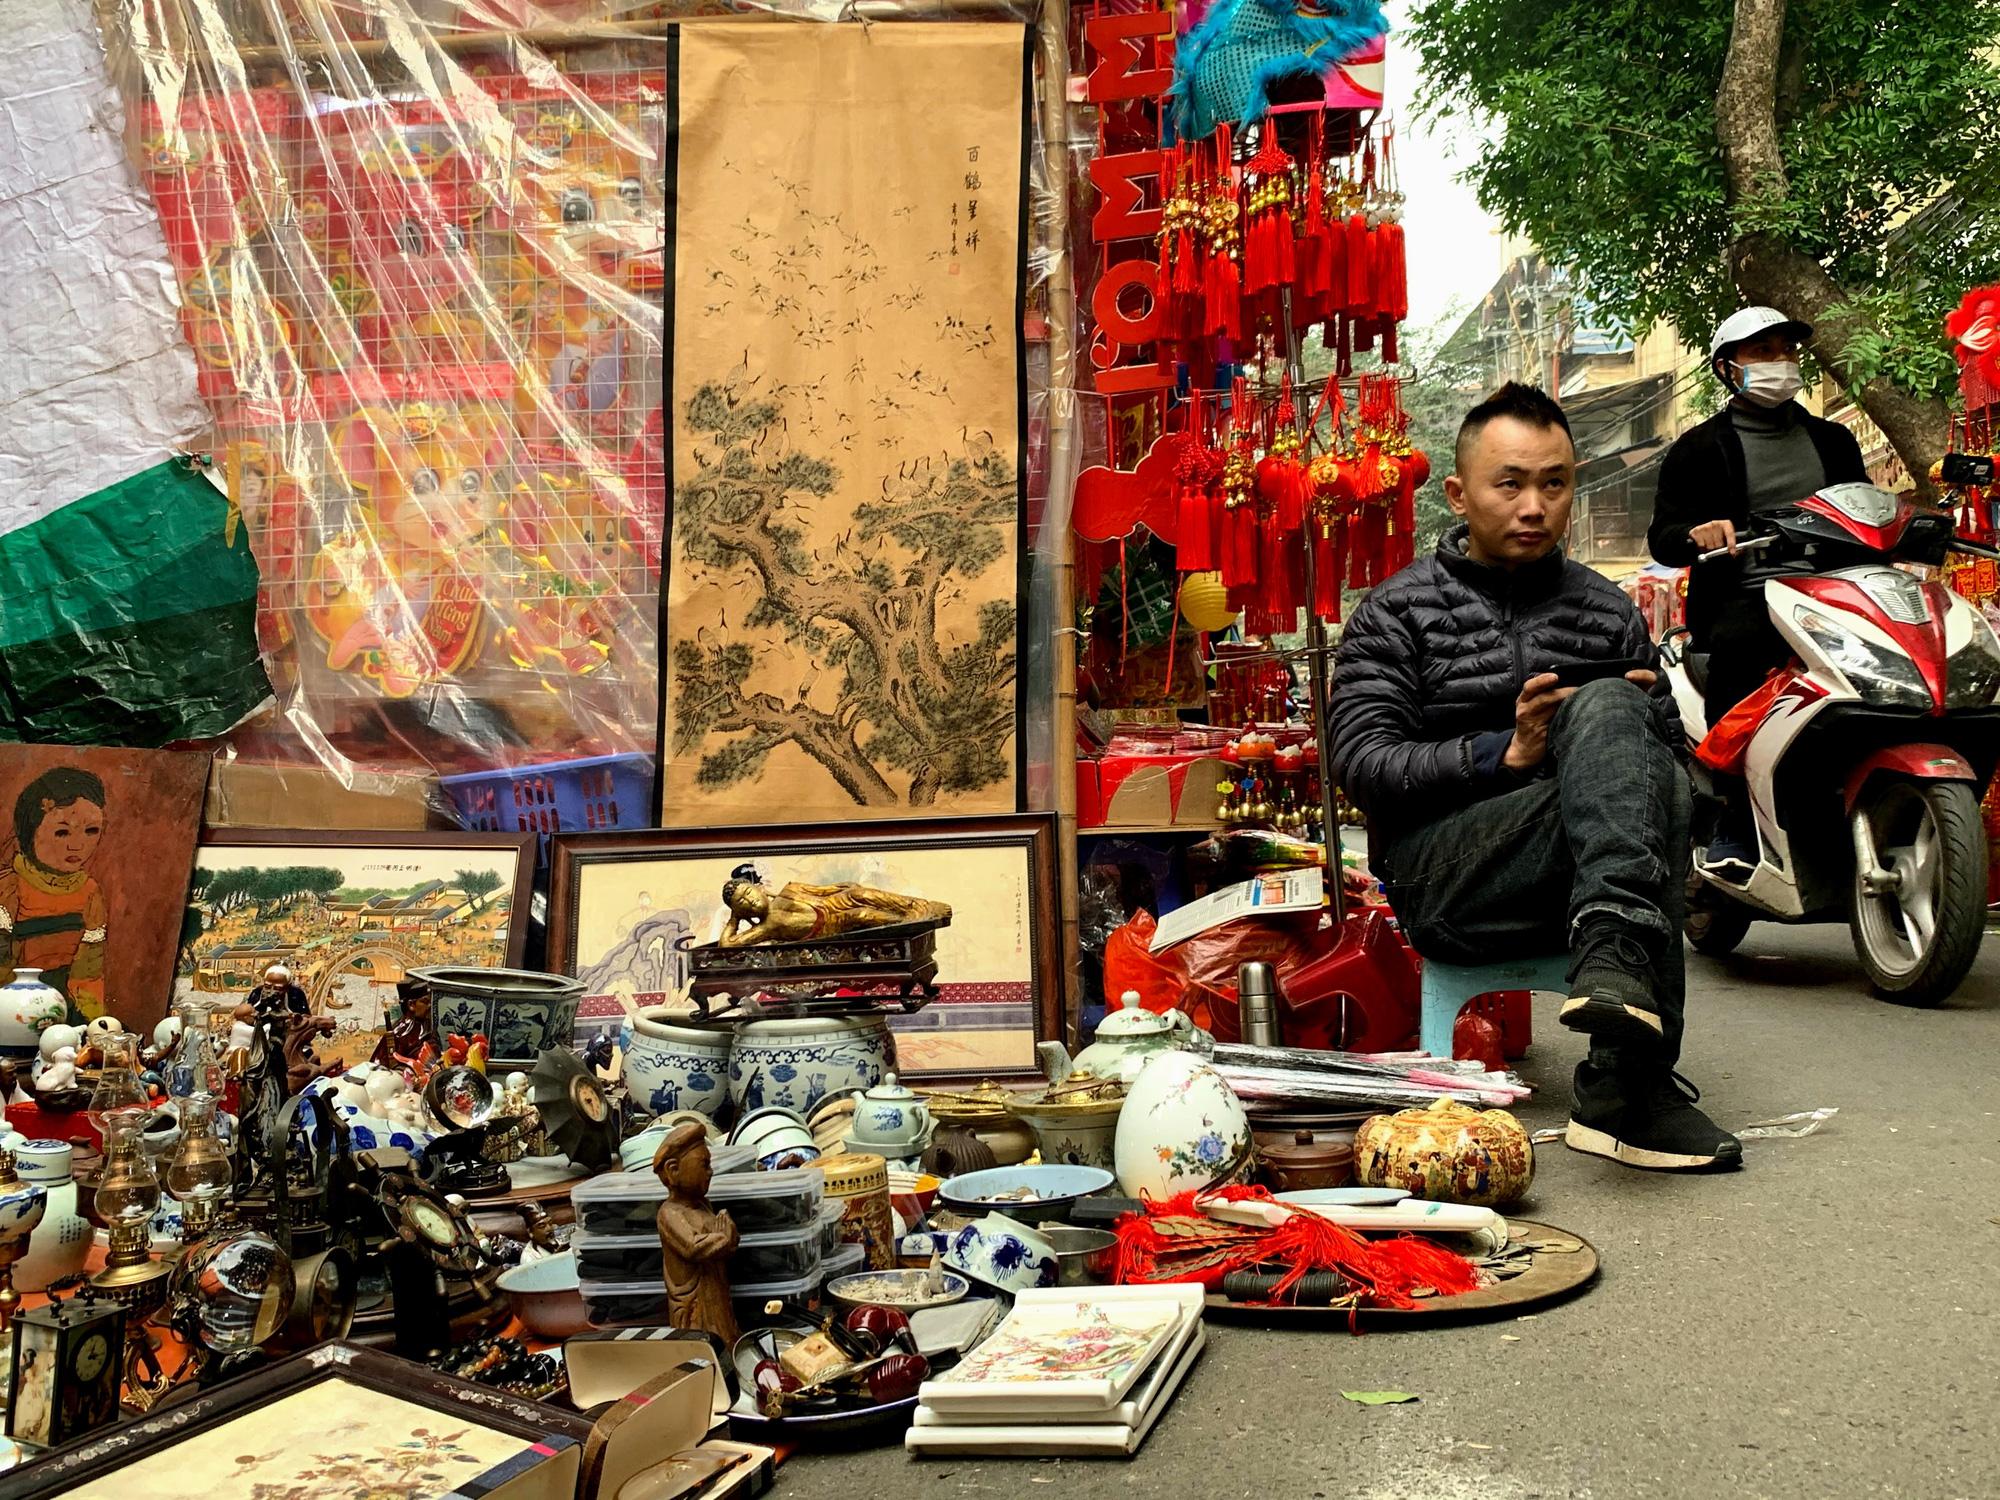 Chiều cuối năm, đột nhập chợ hoa xuân xem người Hà Nội sắm Tết - Ảnh 27.